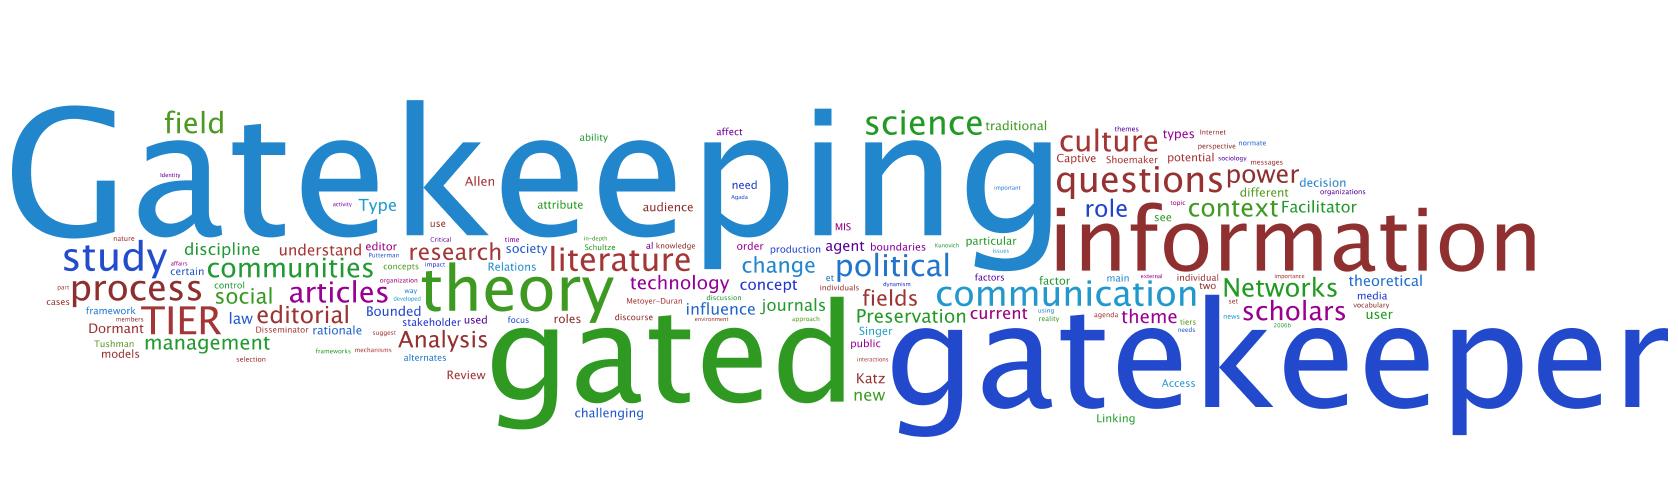 ניתוח של שמירת-סף ברשתות (Network Gatekeeping) בשמונה תחומי לימוד